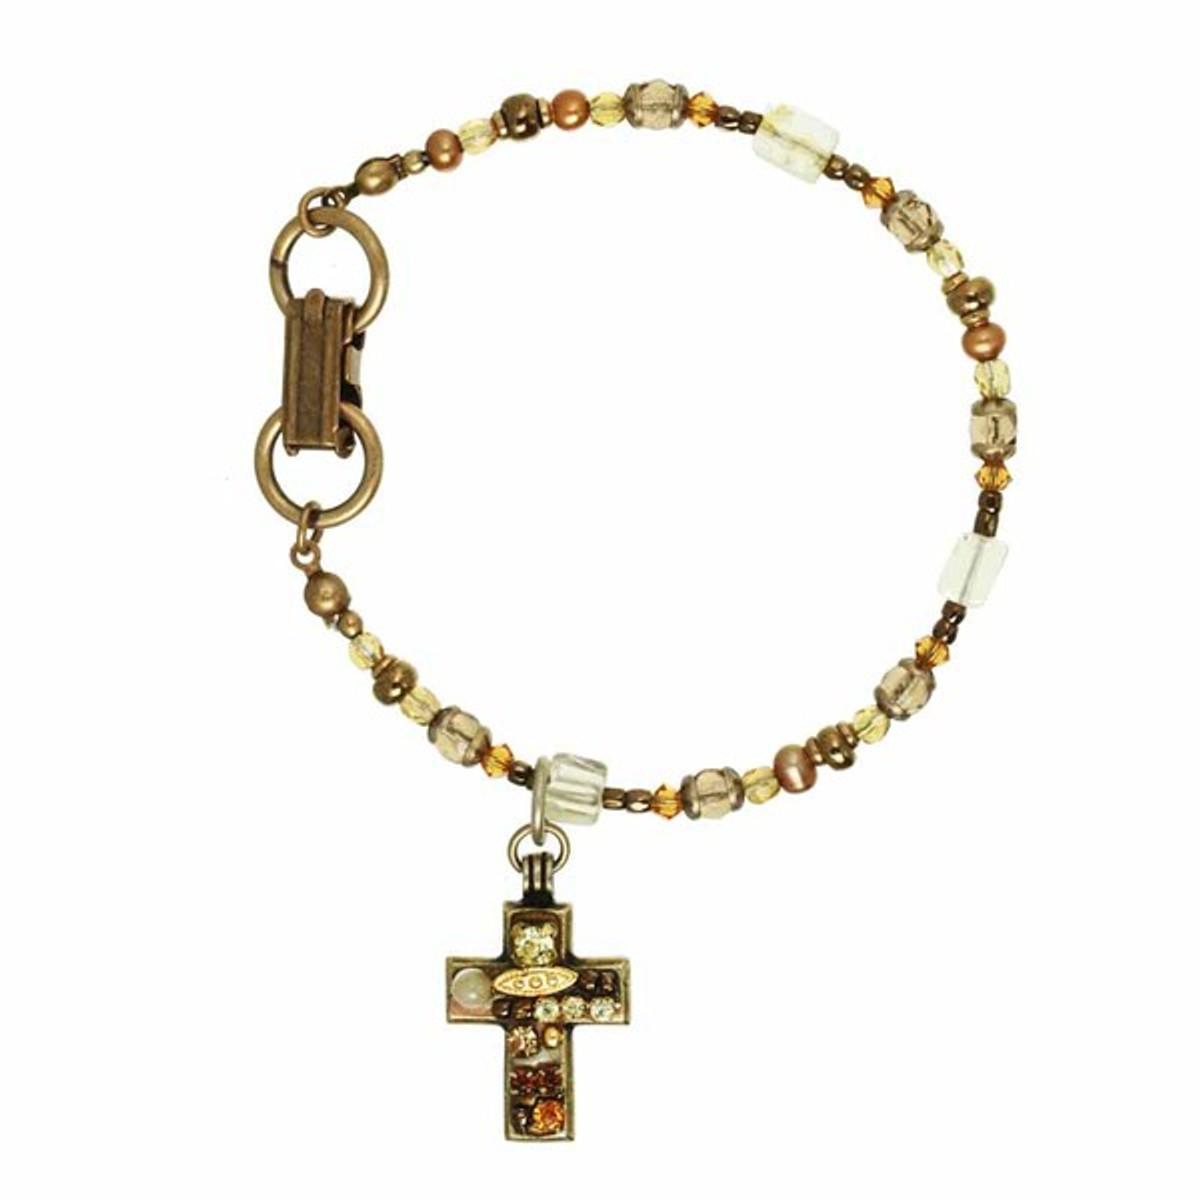 Beige Cross Bracelet by Michal Golan